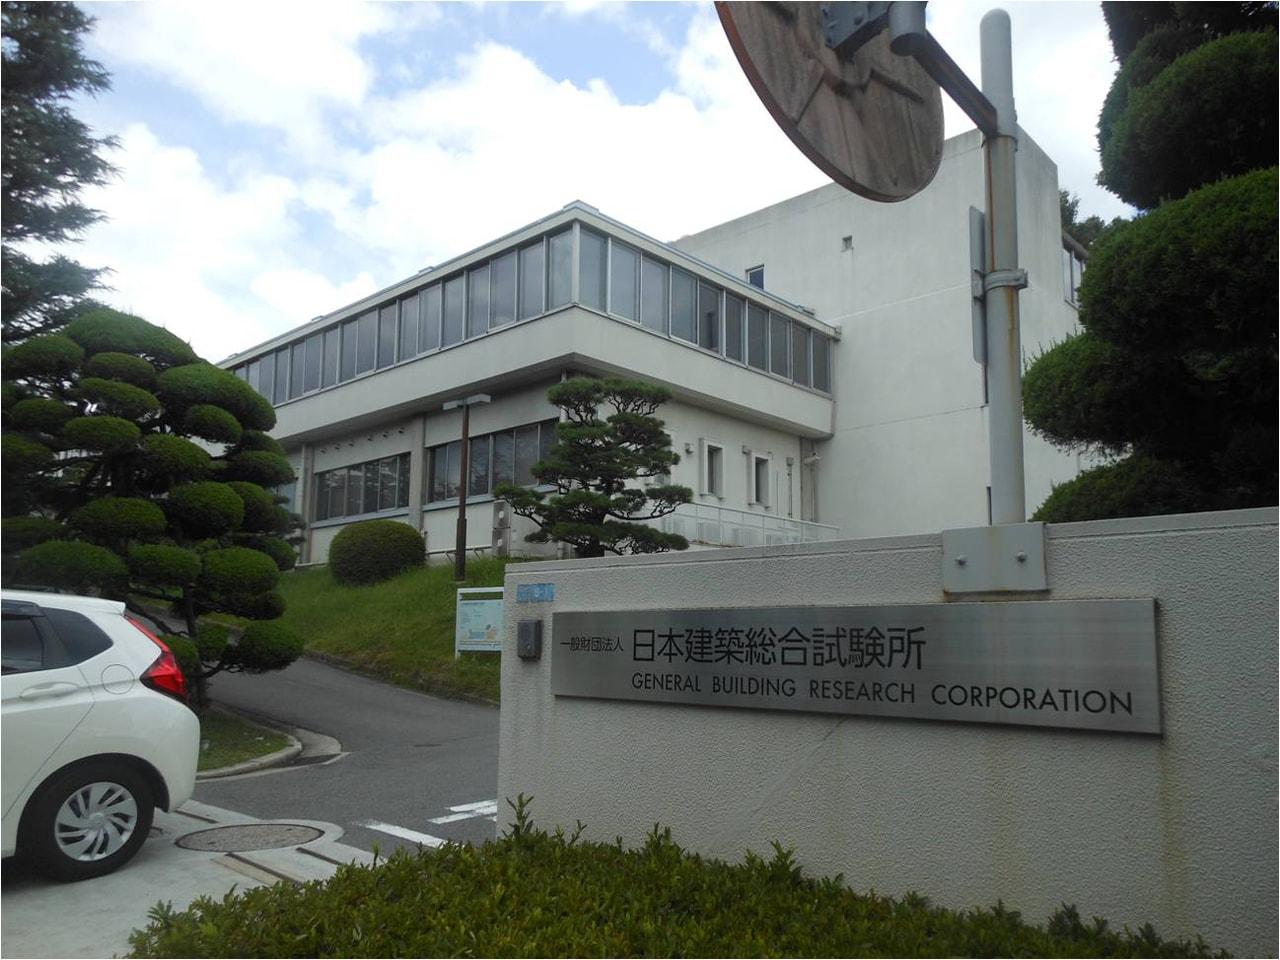 柳沢研究室4年生が日本建築総合試験所見学へ行きました